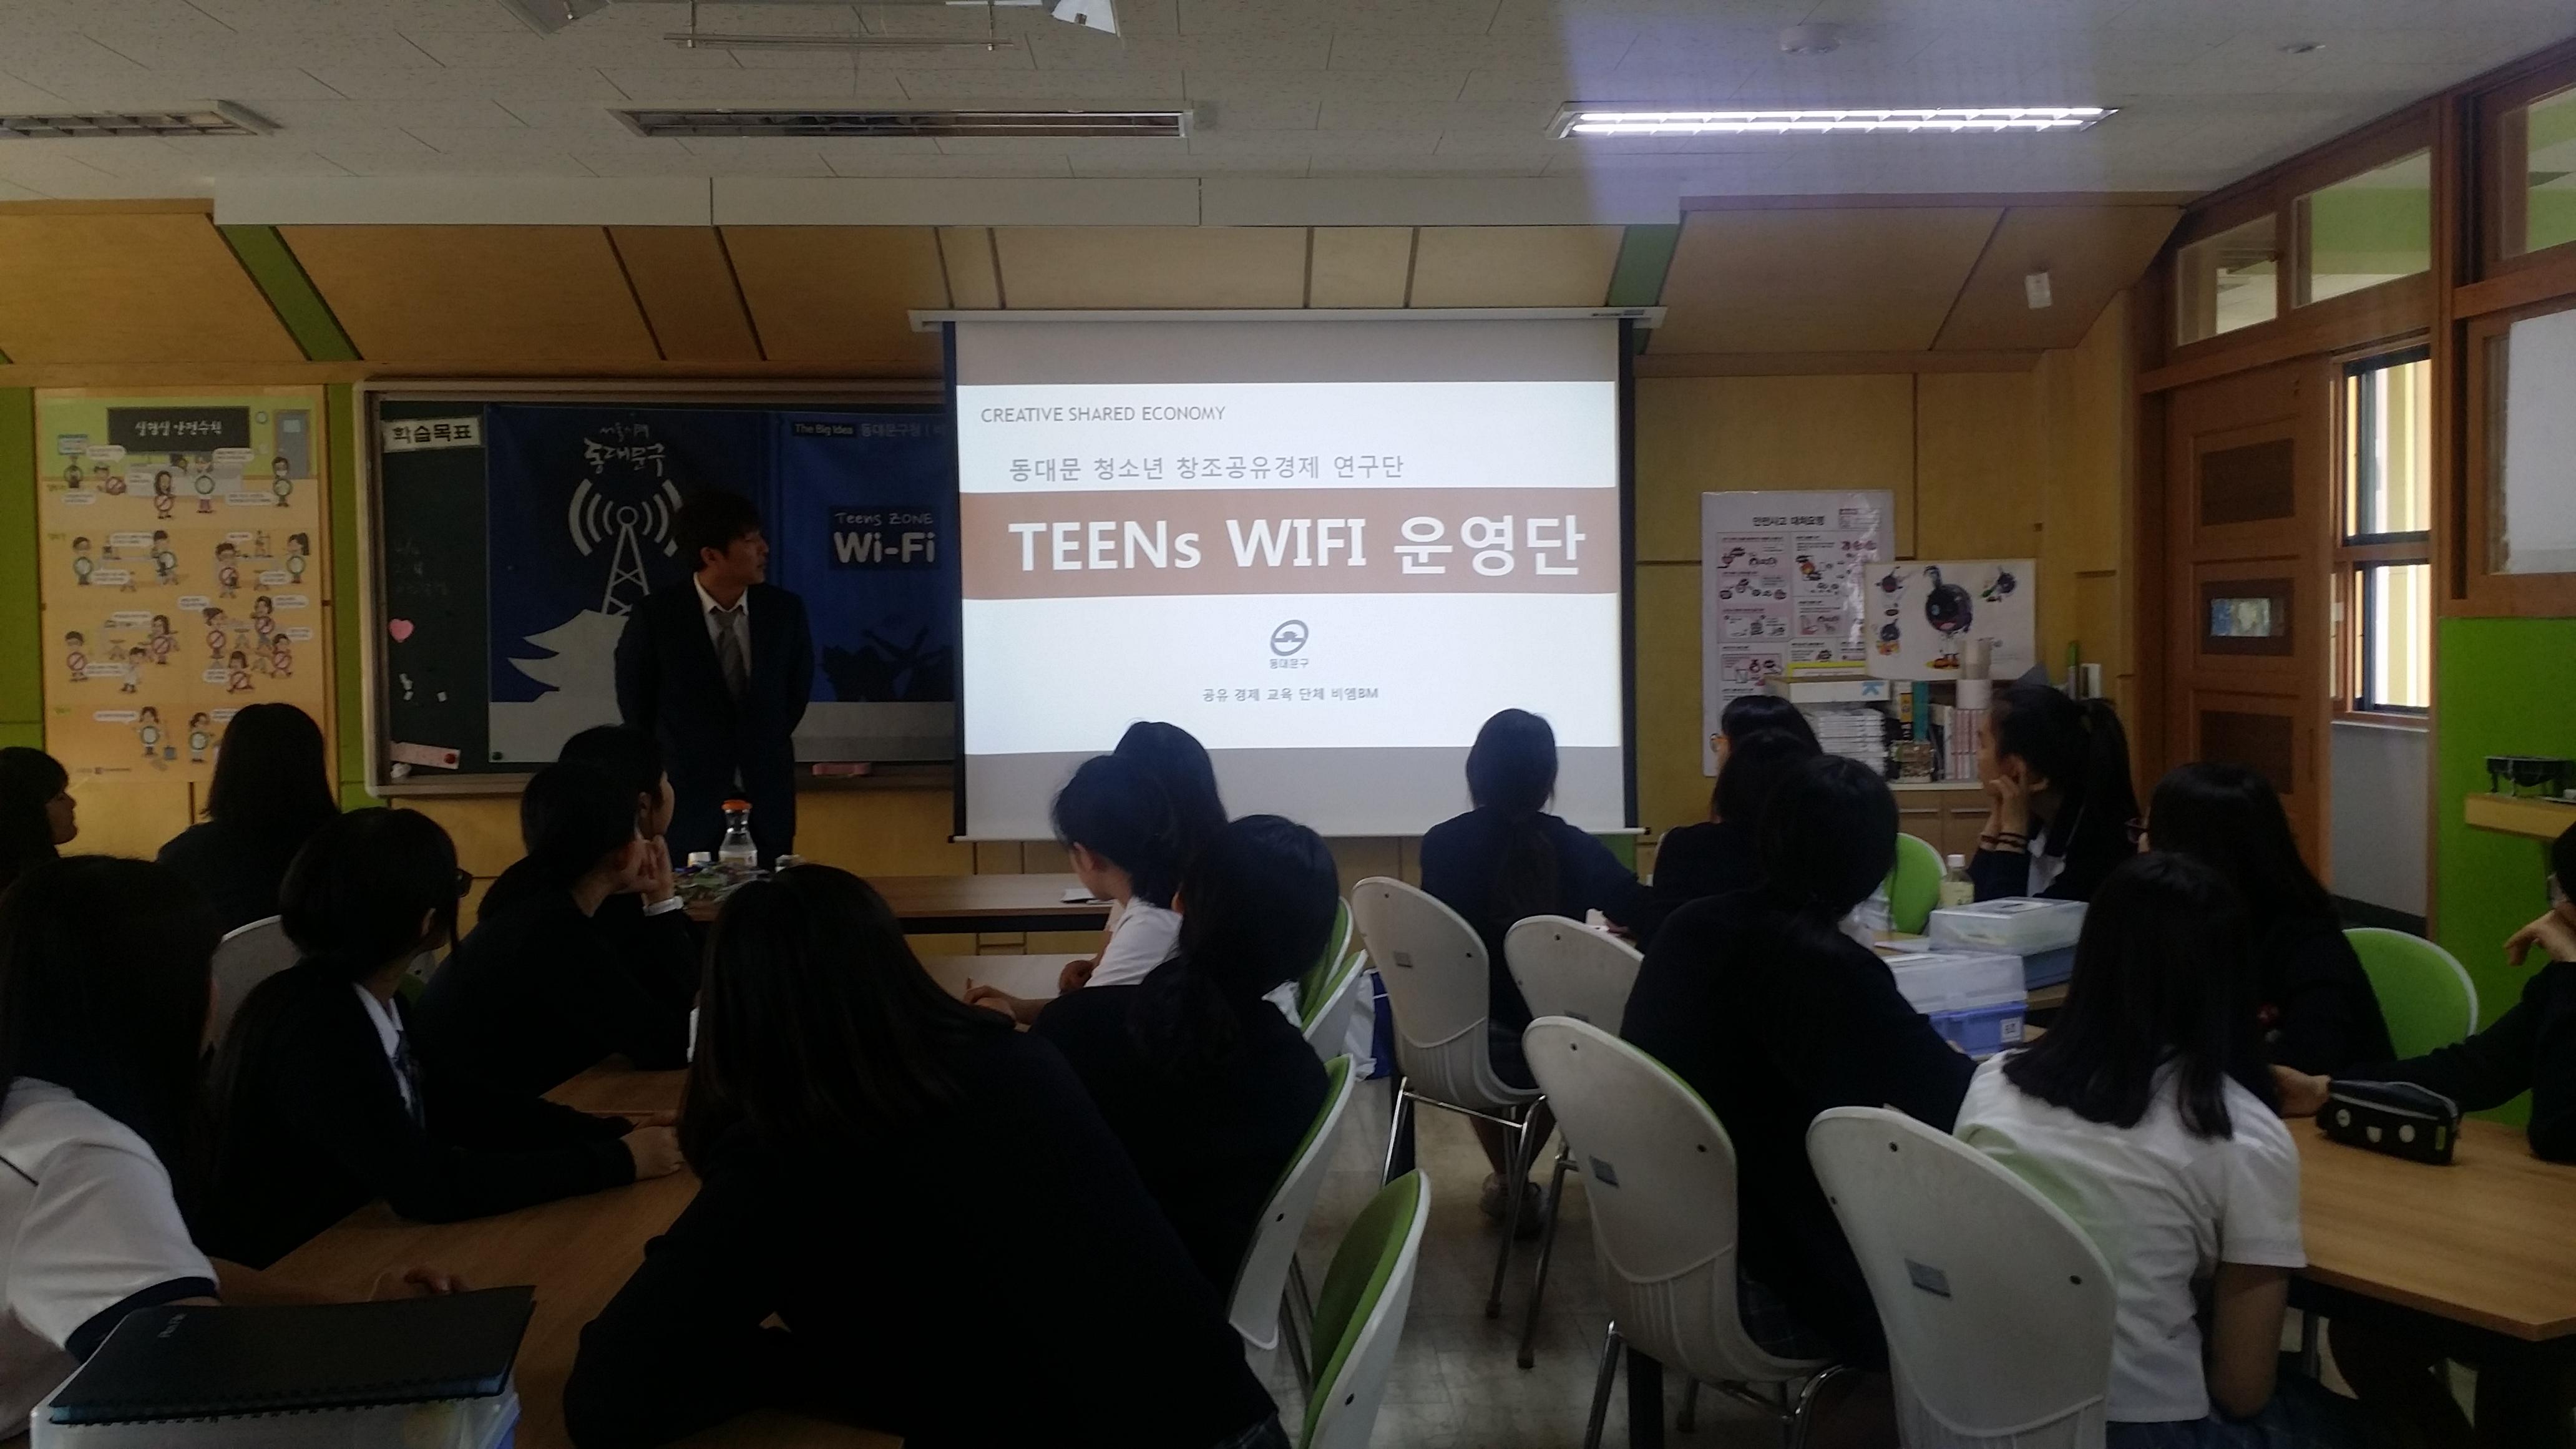 [한강타임즈] 동대문구, 청소년 대상 공유경제 동아리 운영